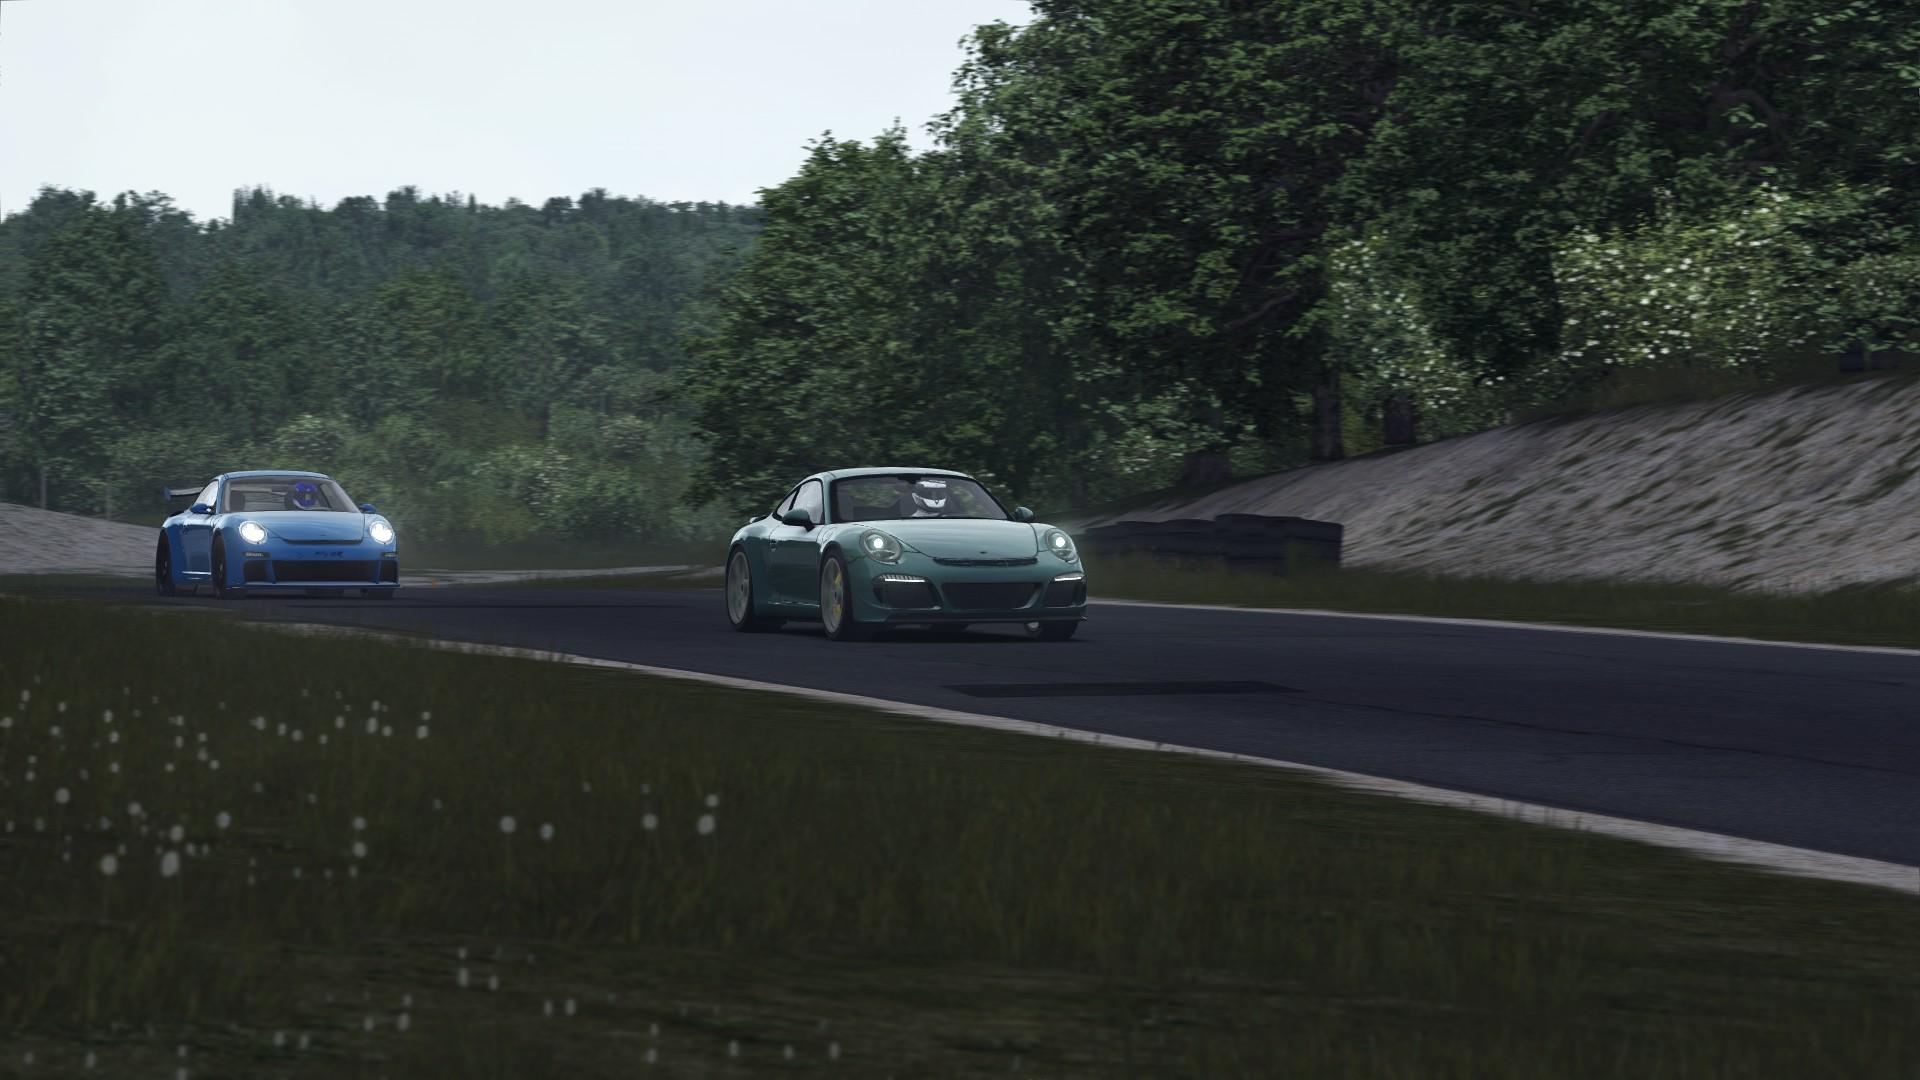 RUF 991 RGT8 update Assetto Corsa 1.14 072.jpg